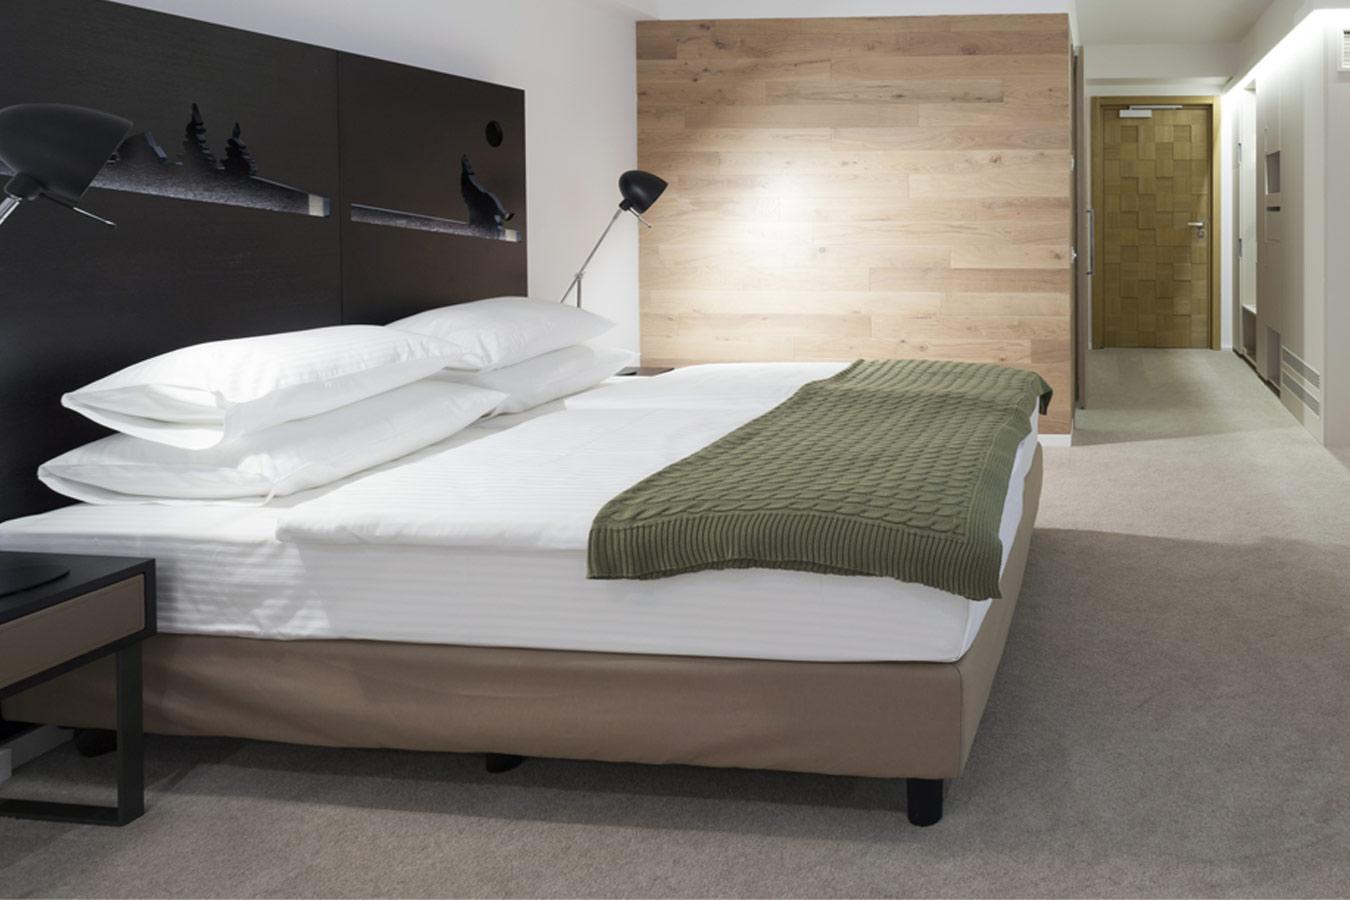 moderne slaapkamer met gepolierde beton